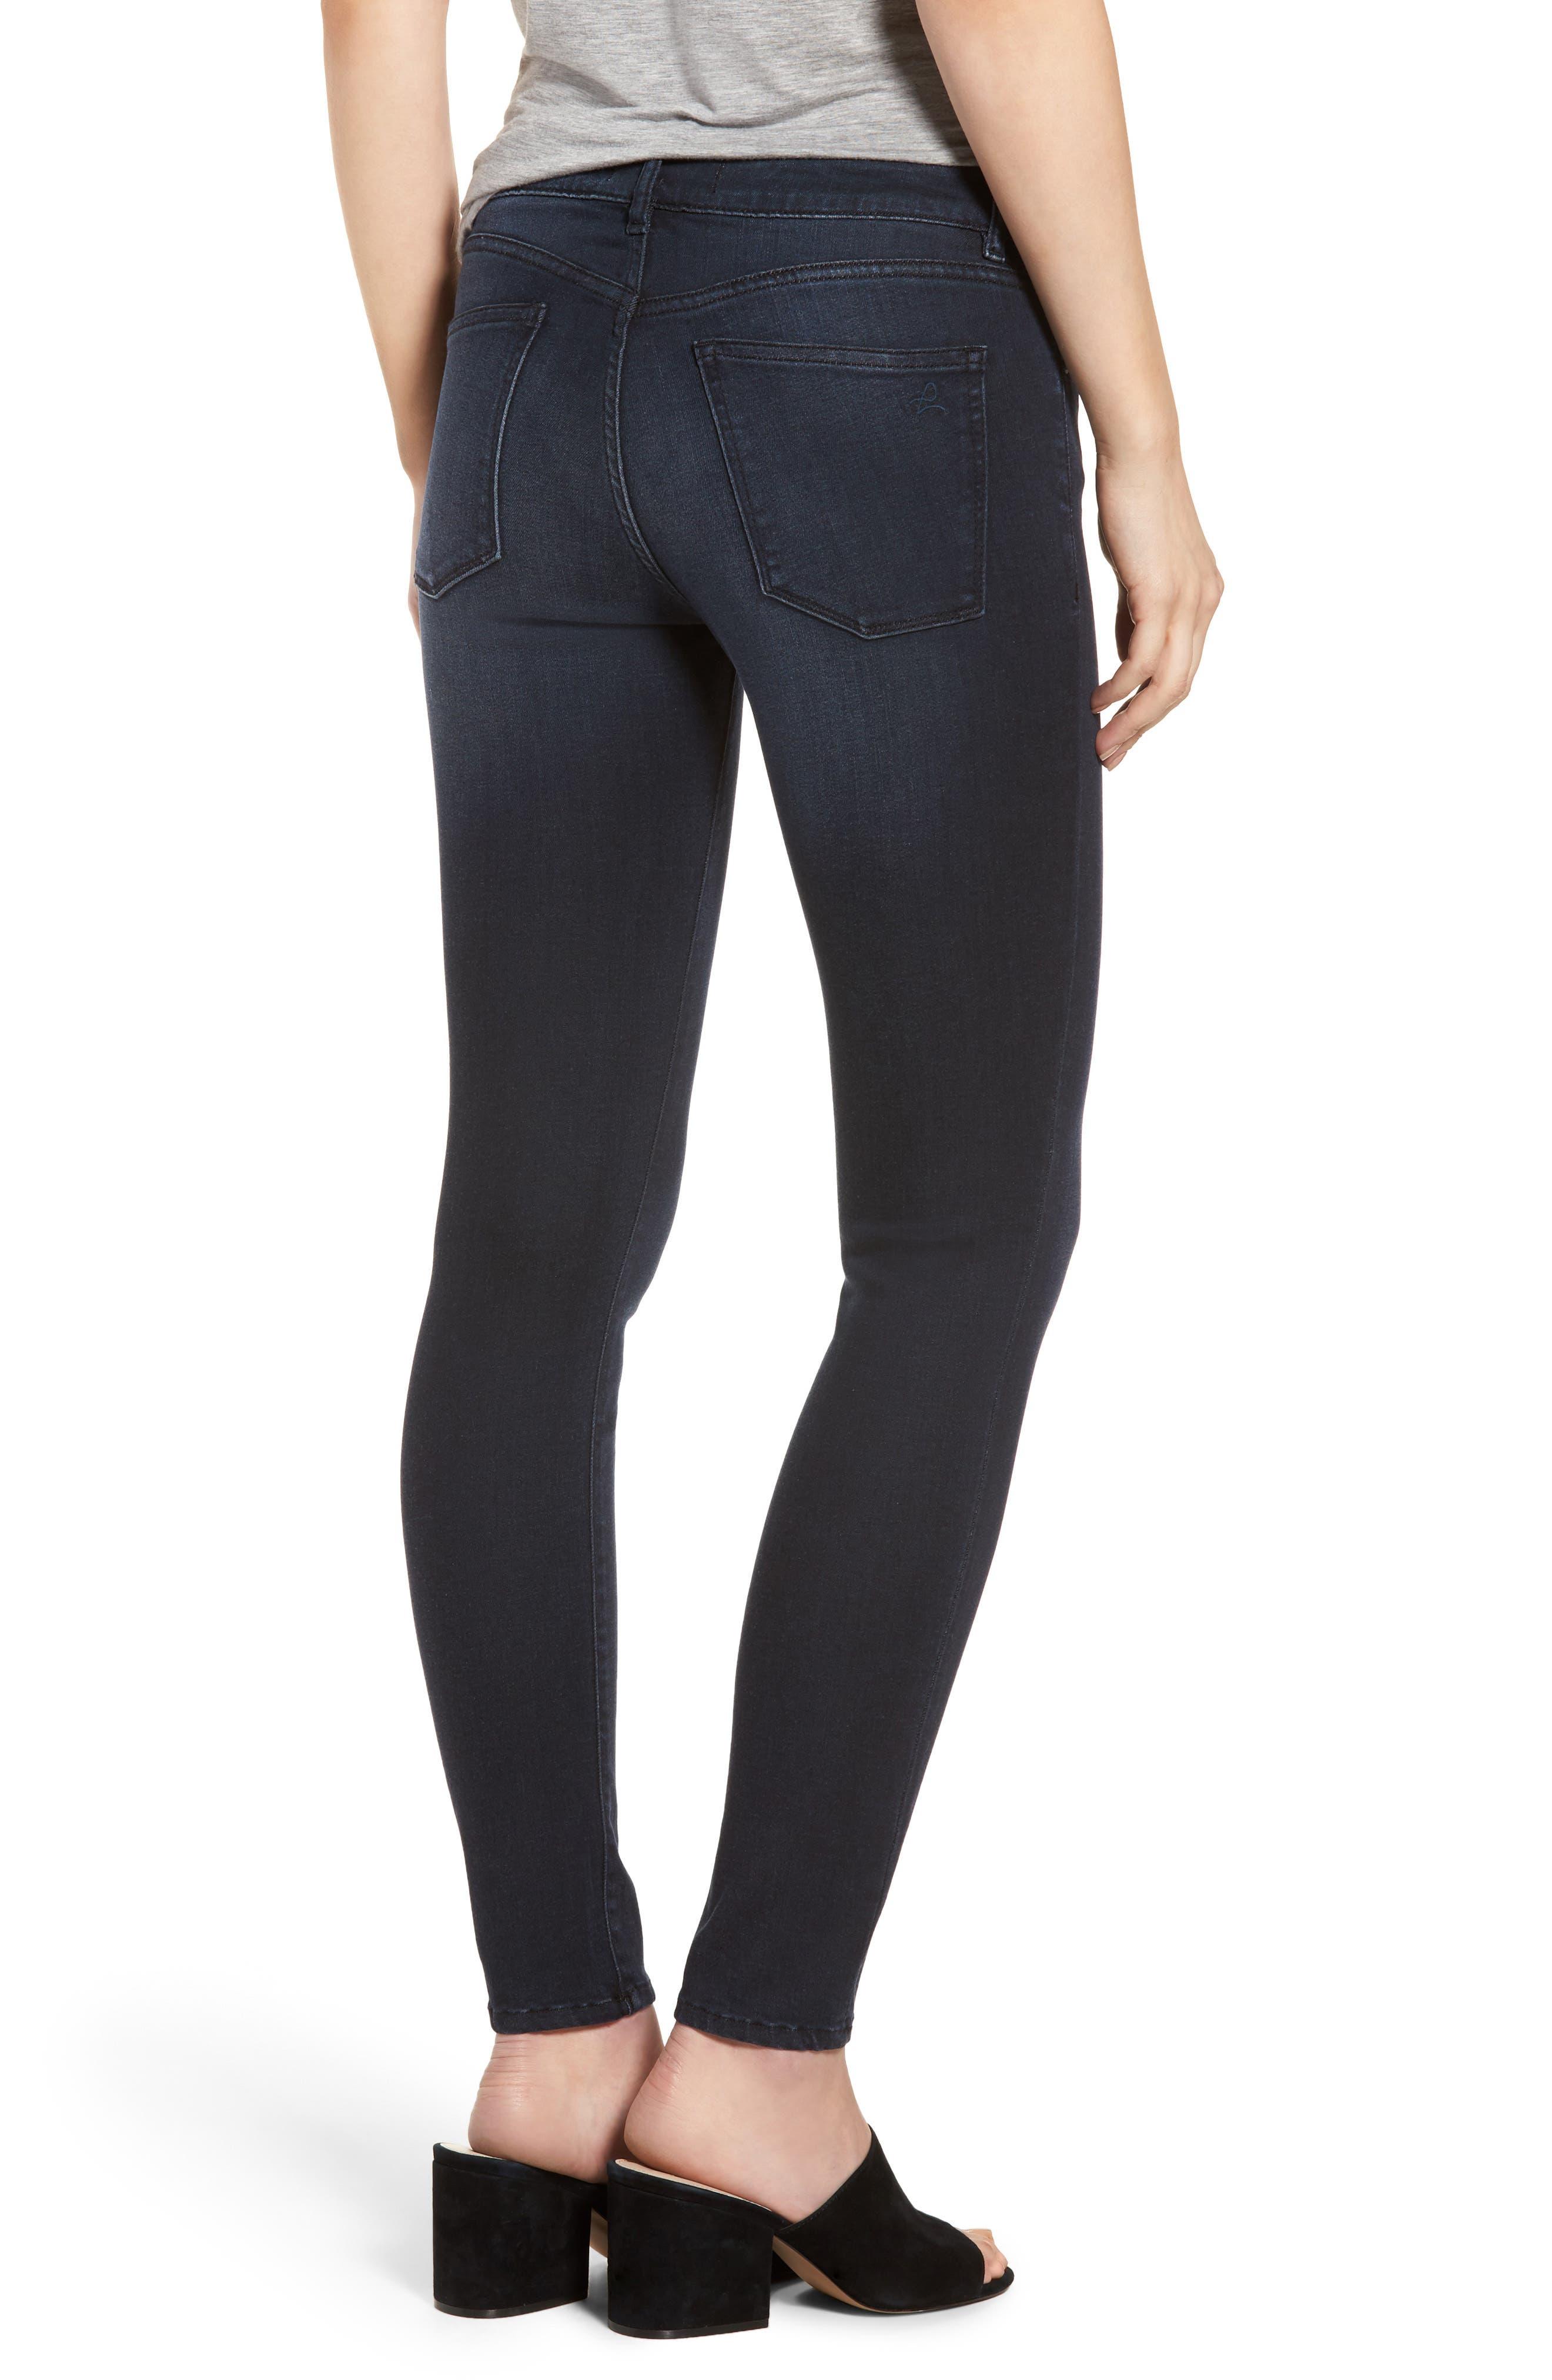 Emma Power Legging Skinny Jeans,                             Alternate thumbnail 2, color,                             Macon